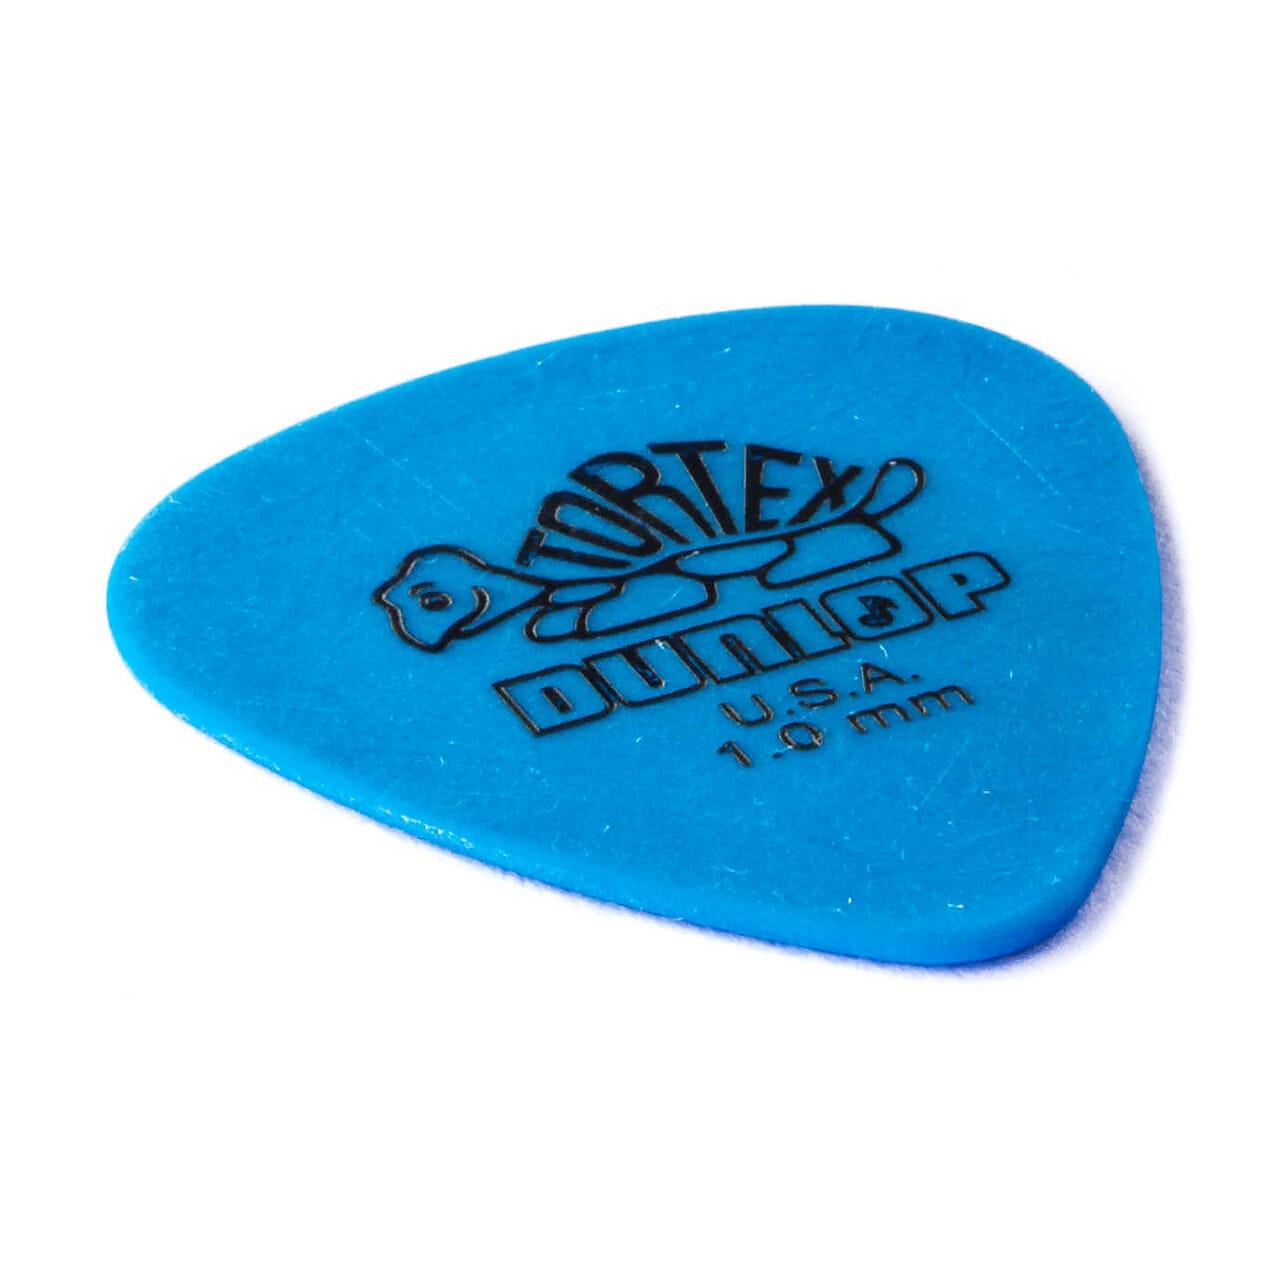 Dunlop 418P100 Tortex Standard Guitar Pick 1.0mm (12-Pack)